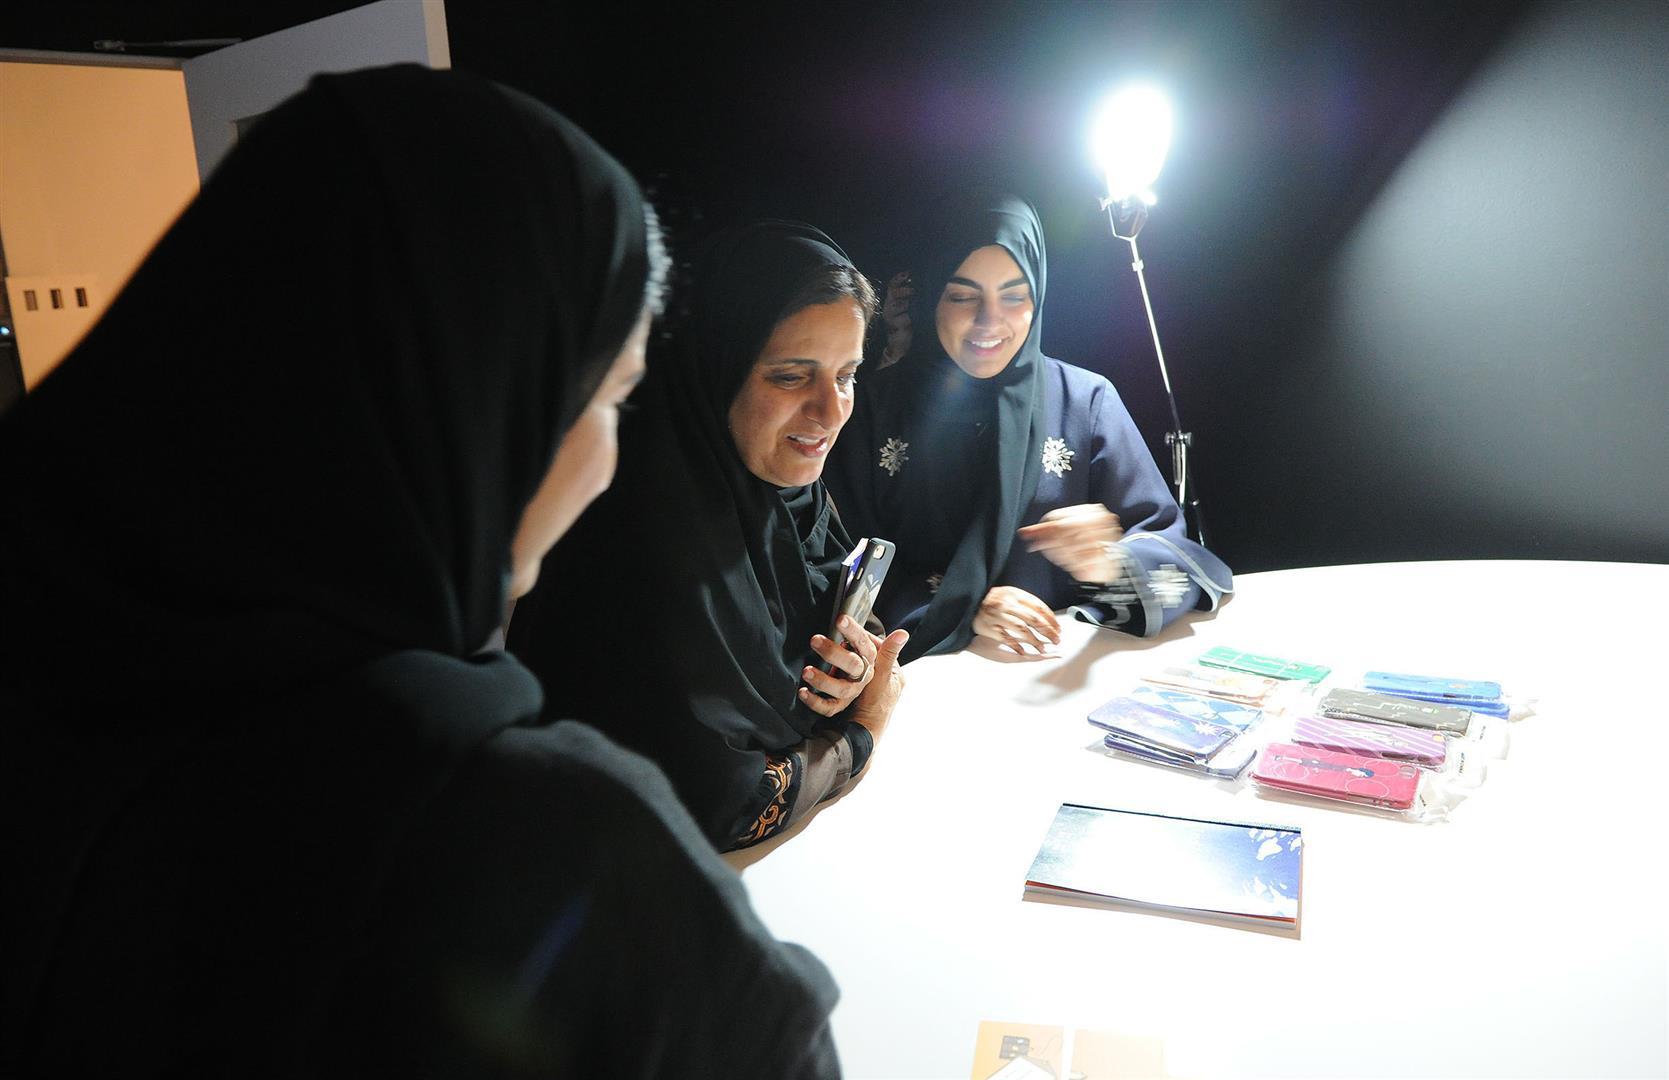 لبنى القاسمي تزور معرض مشاريع تخرج طالبات الفنون بجامعة زايد 2